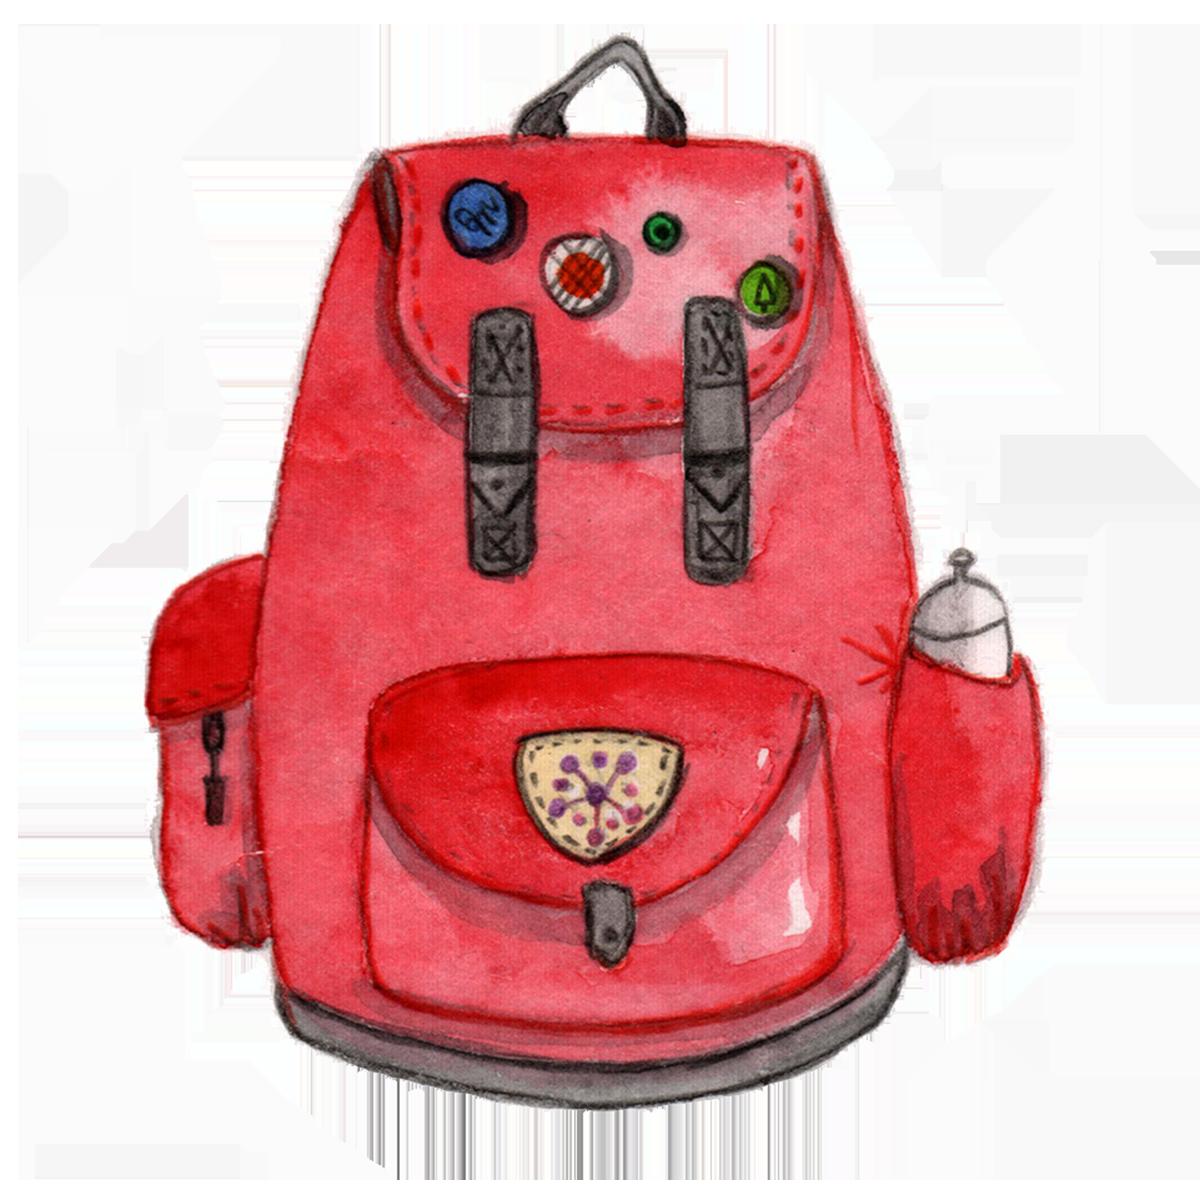 Shiny sac – fini